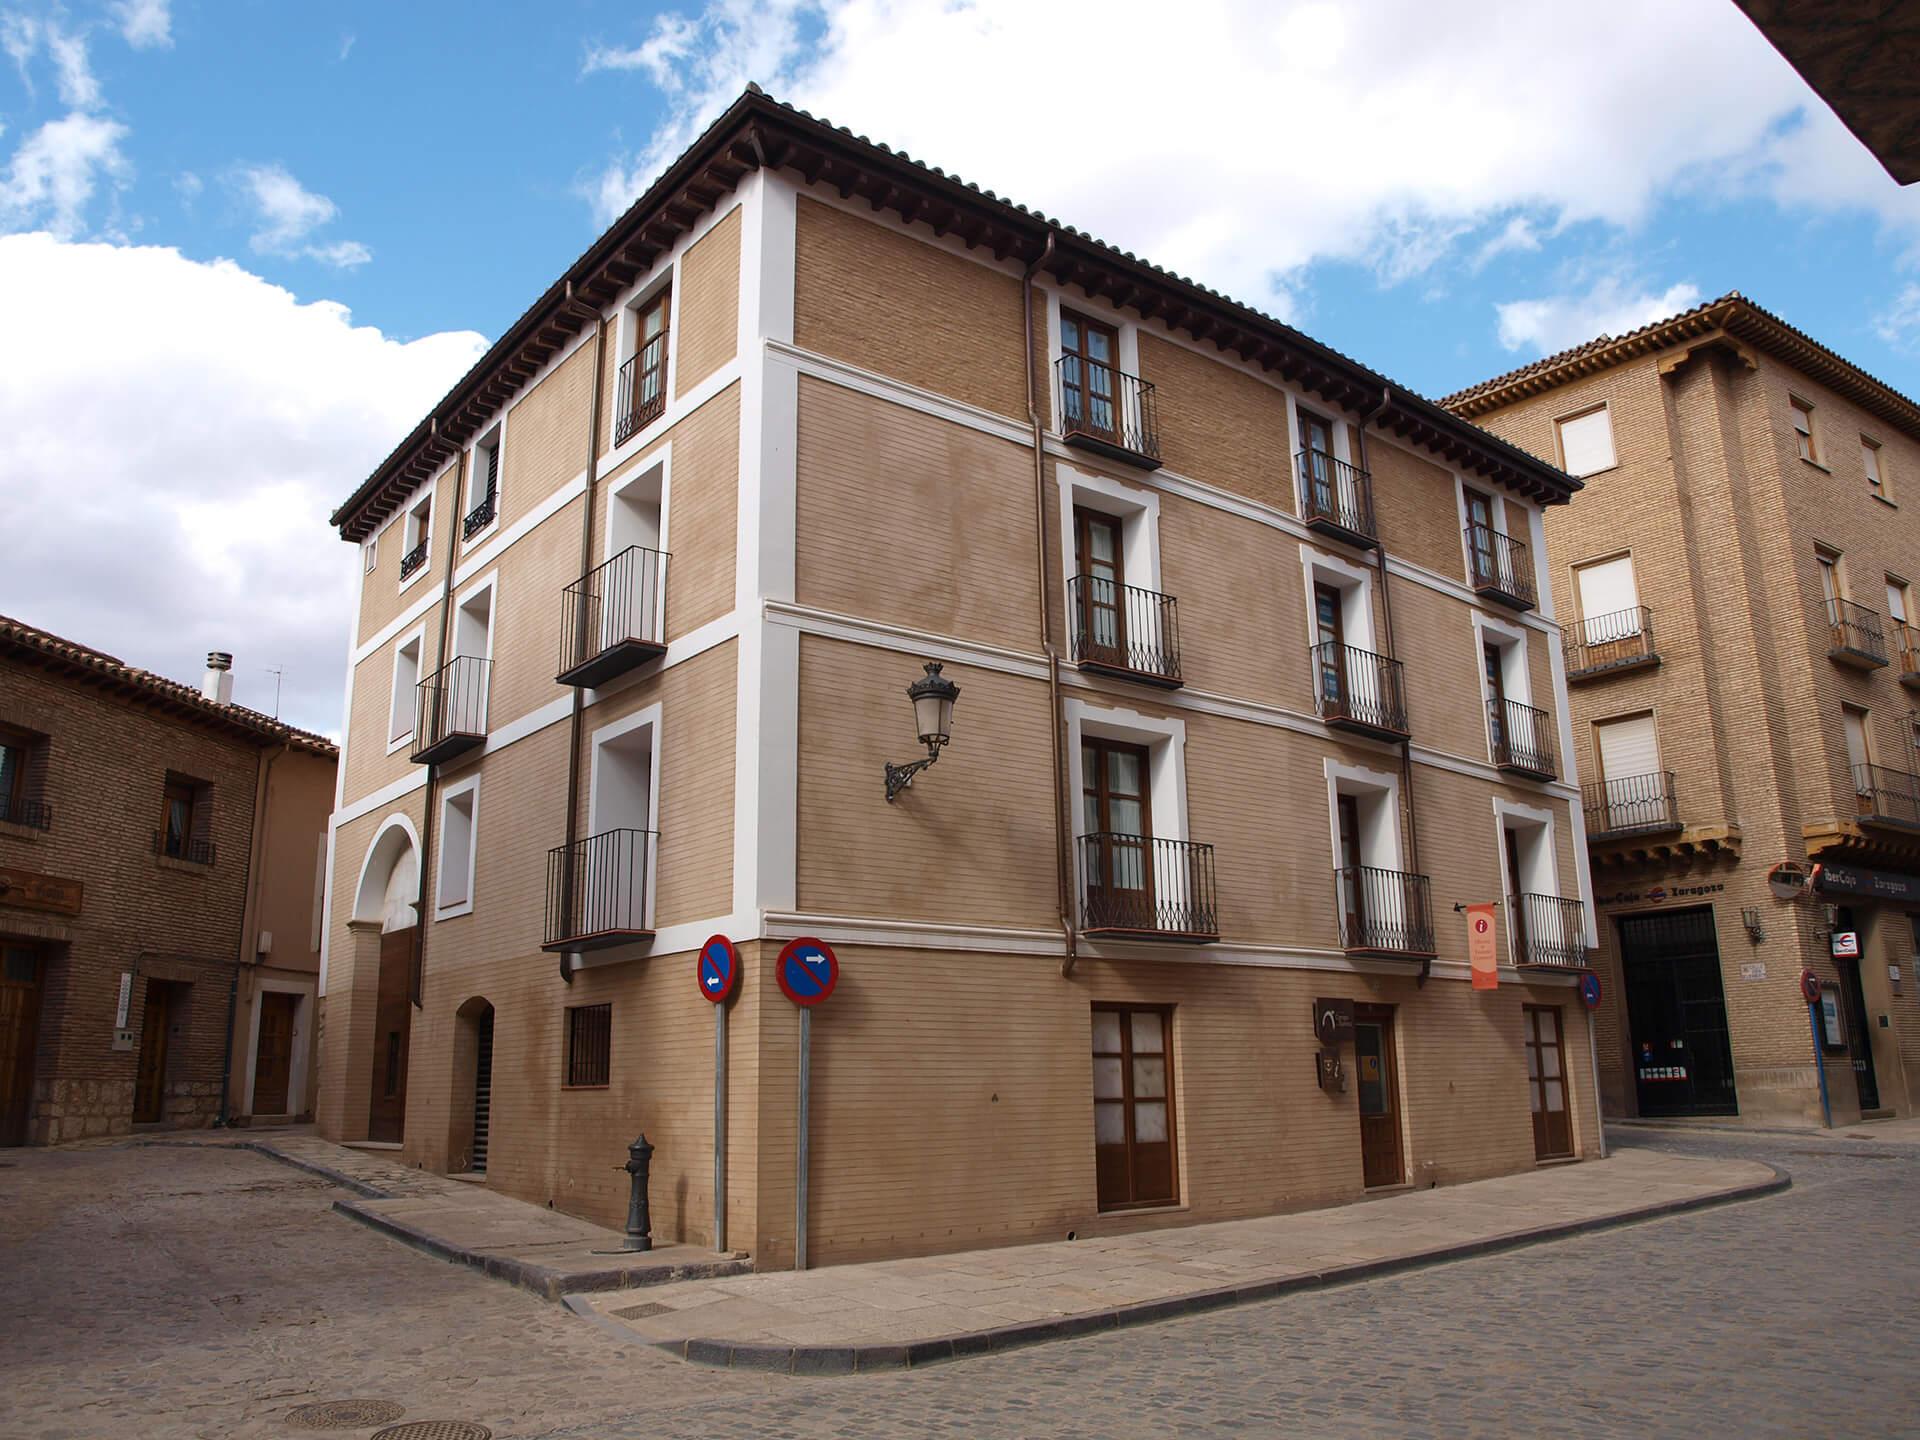 Palacio Daroca - Imagen 6 - Restauración Slider - rubiomorte.com